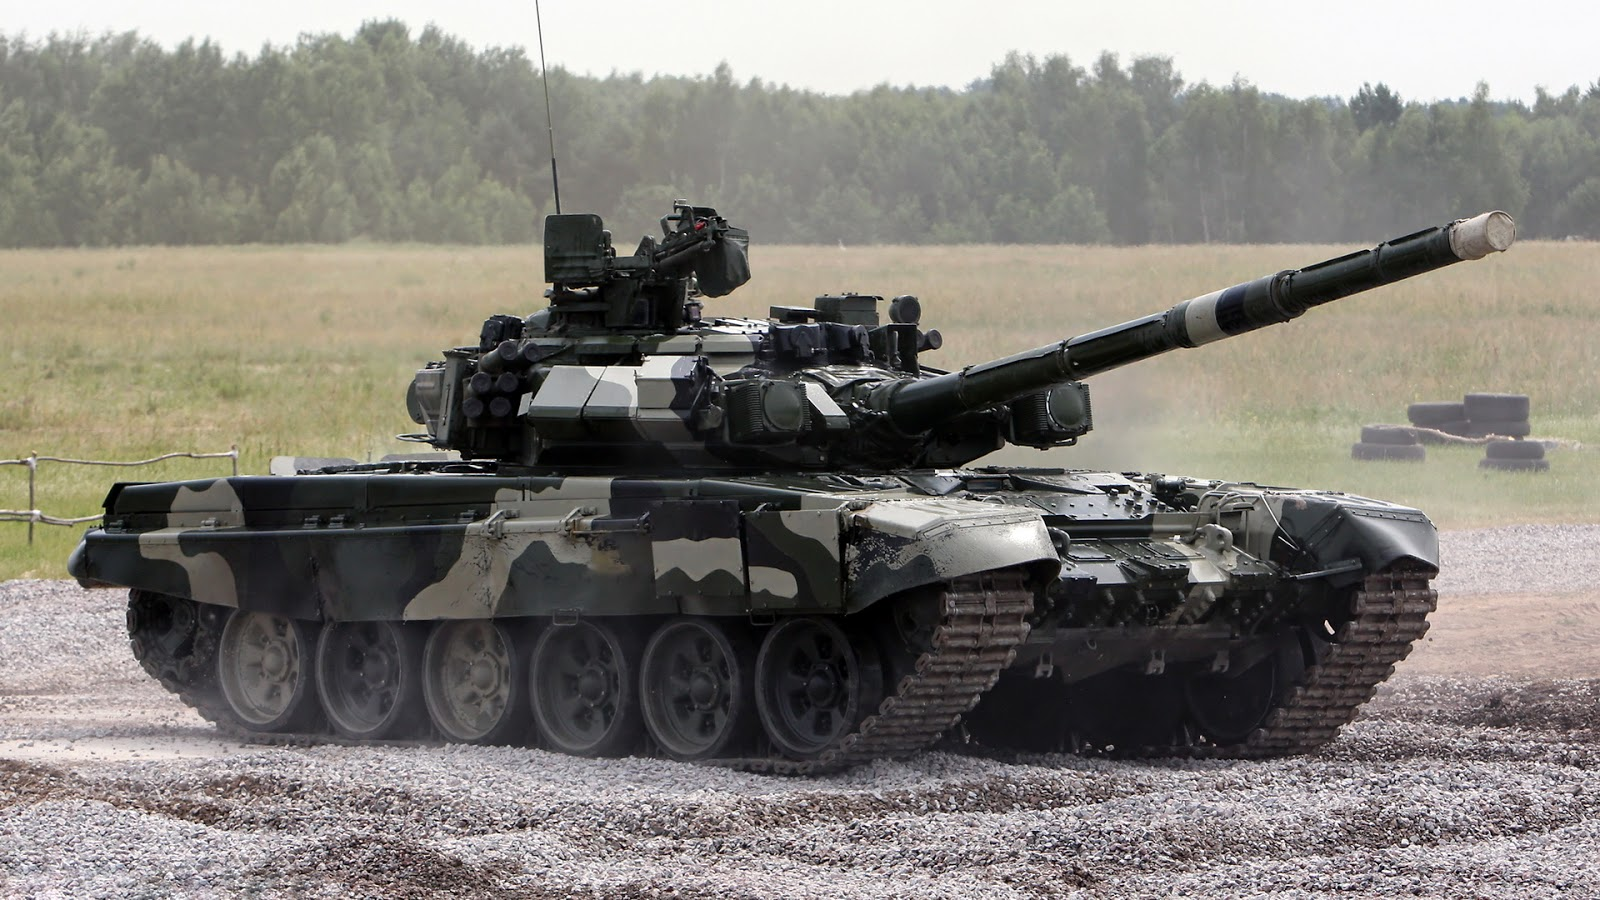 Обои на рабочий стола скачать world of tanks